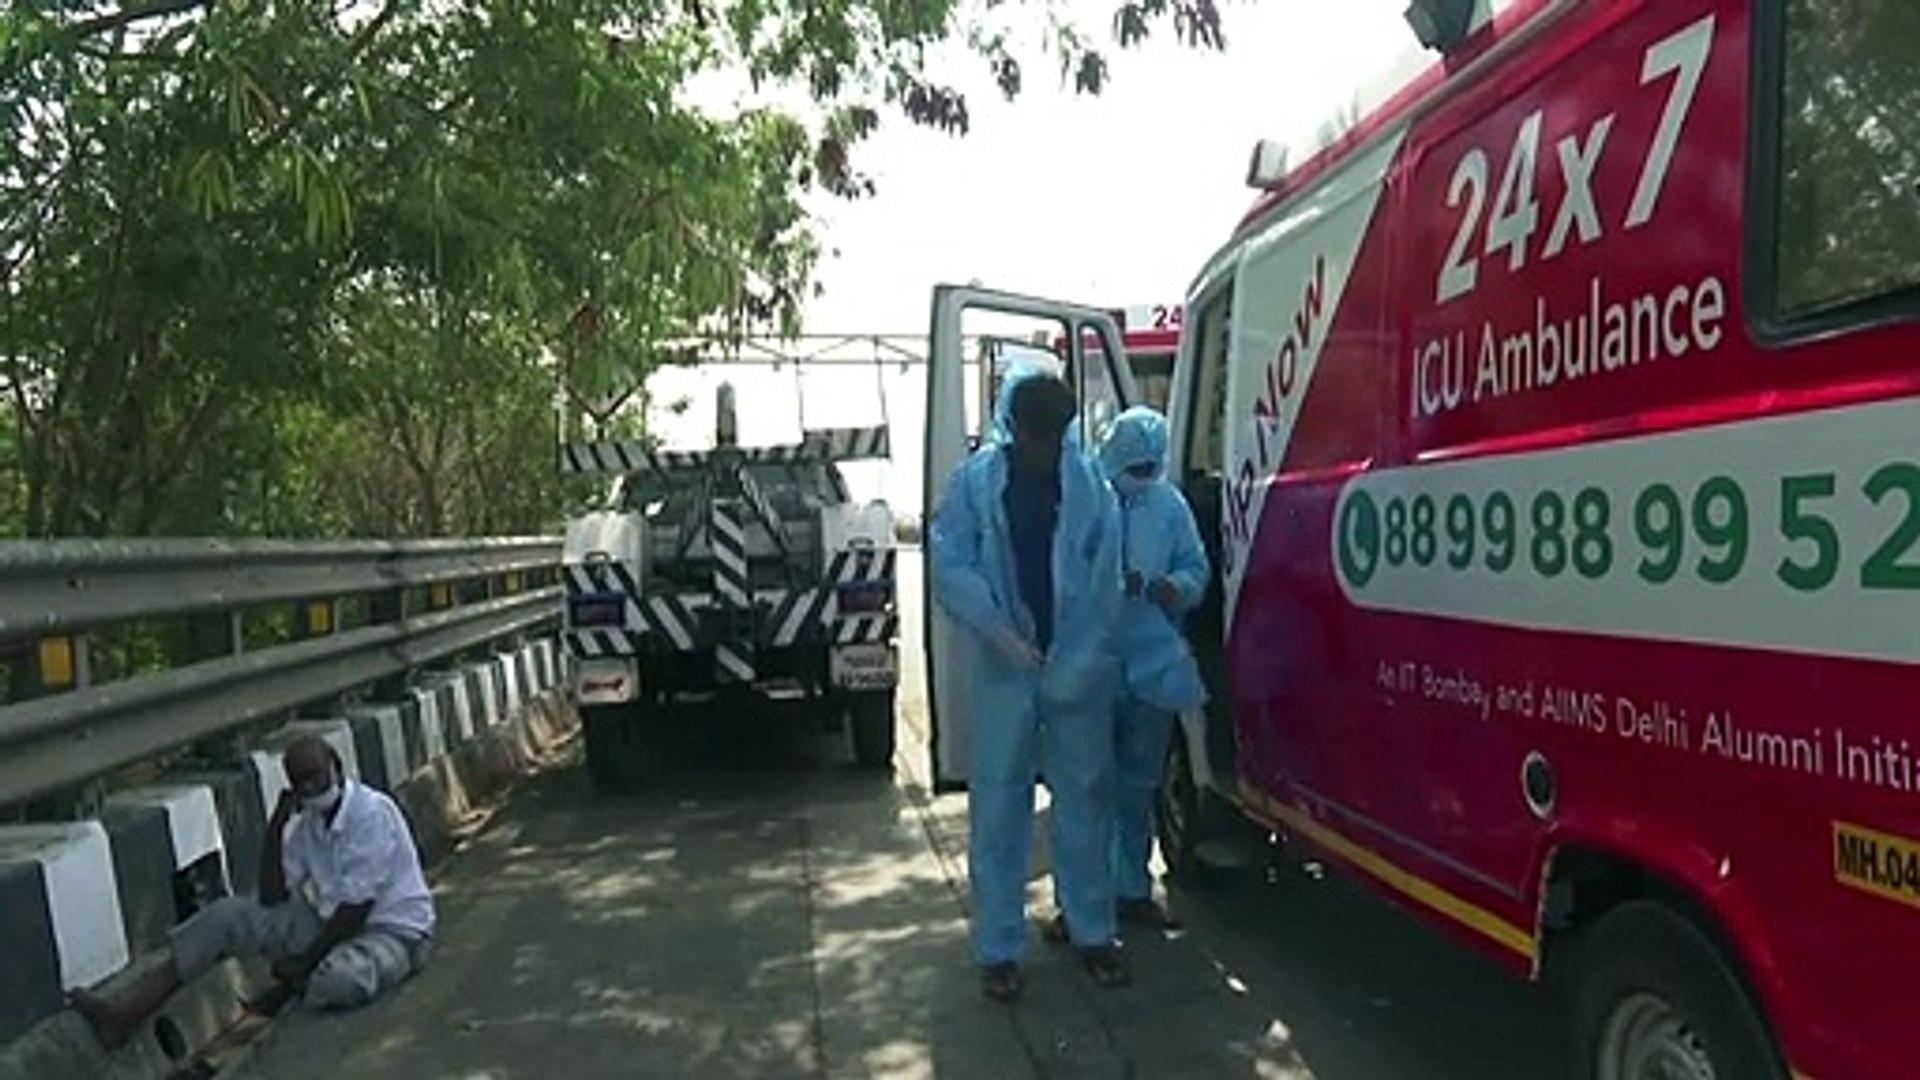 شركة ناشئة لسيارات الإسعاف تساعد فقراء بومباي على مواجهة كورونا